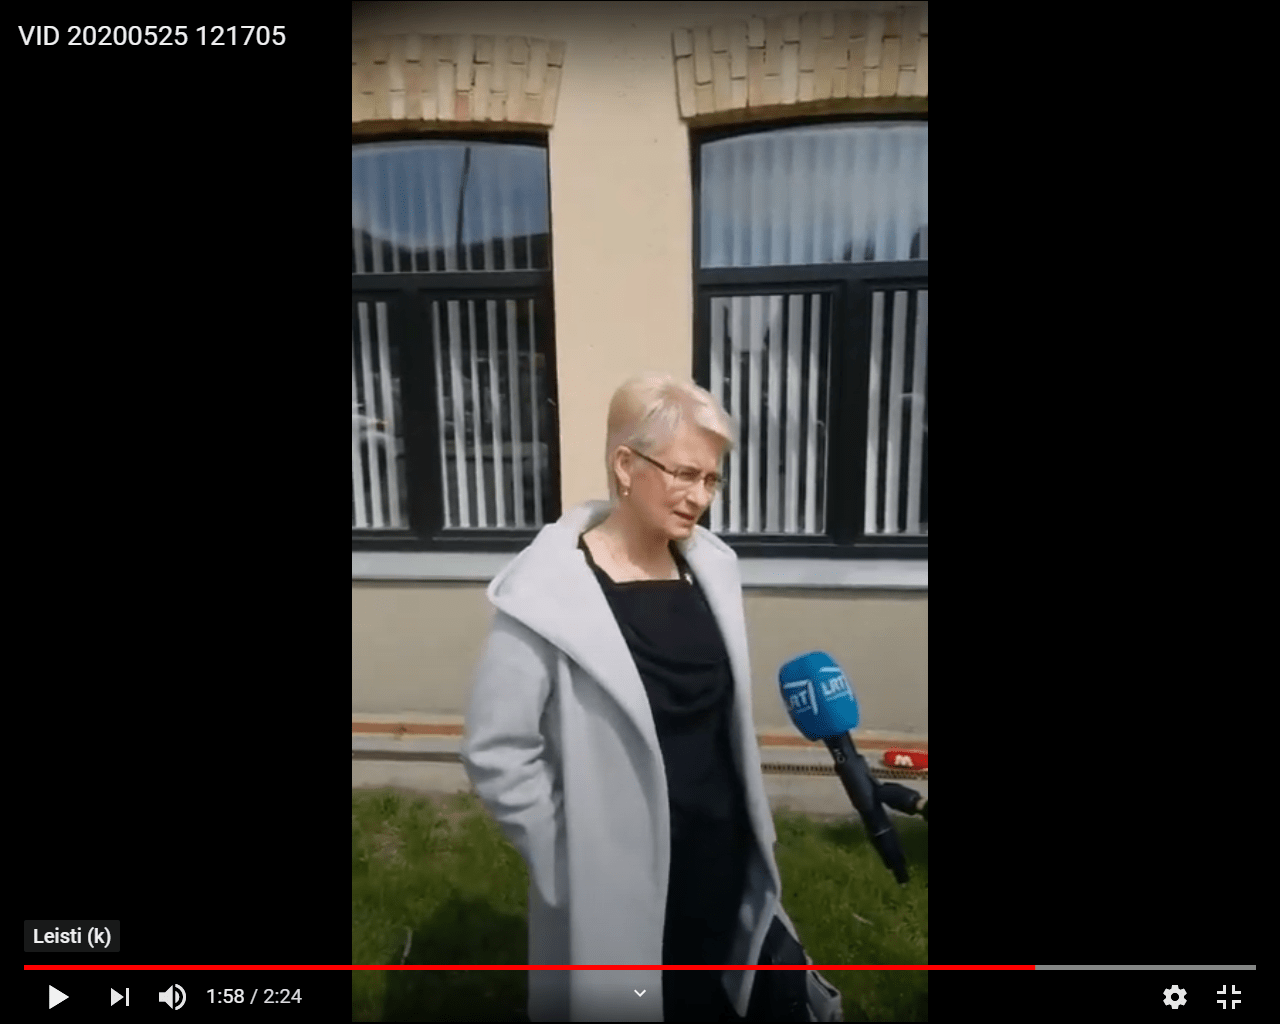 """Neringa Venckienė : """"Dauguma jūsų – delfi, Lietuvos rytas, 15min., LRT – matė vaizdo įrašą, tačiau jūs jo neviešinot, kadangi jūsų šeimininkai jums neleido"""" (pildoma)"""